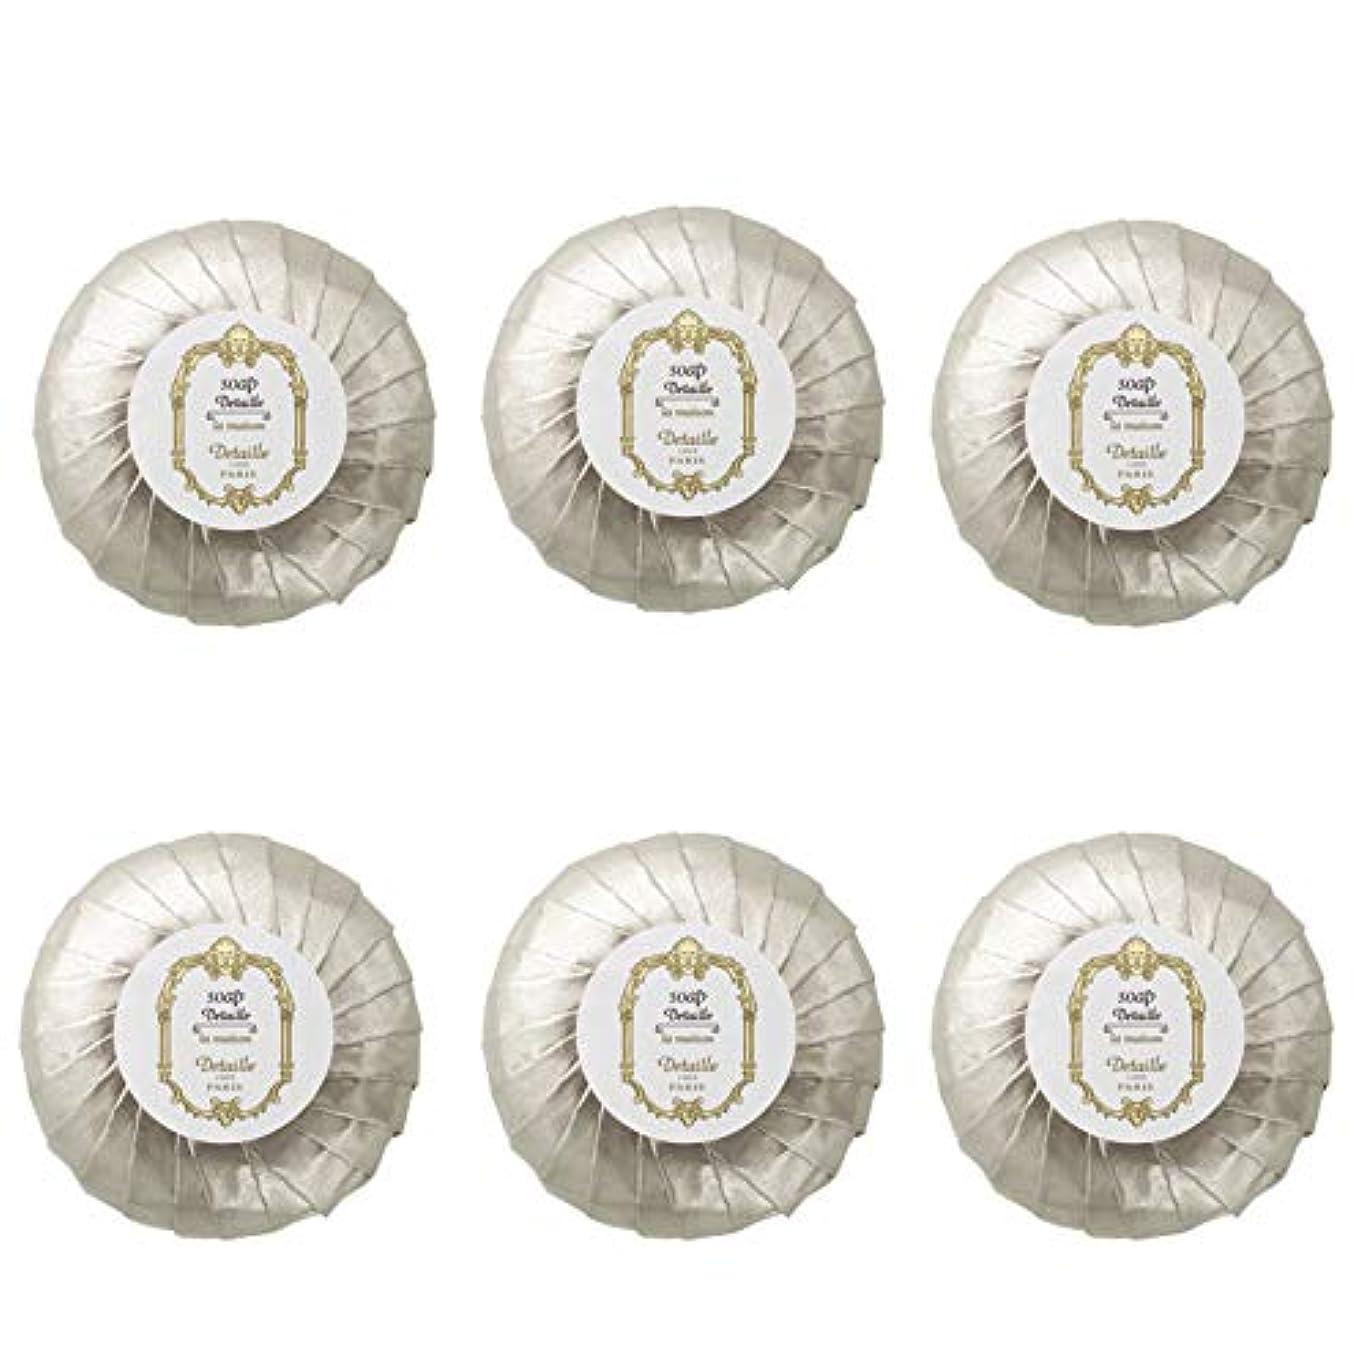 ブラザー反論栄養POLA デタイユ ラ メゾン スキンソープ 固形石鹸 (プリーツ包装) 50g×6個